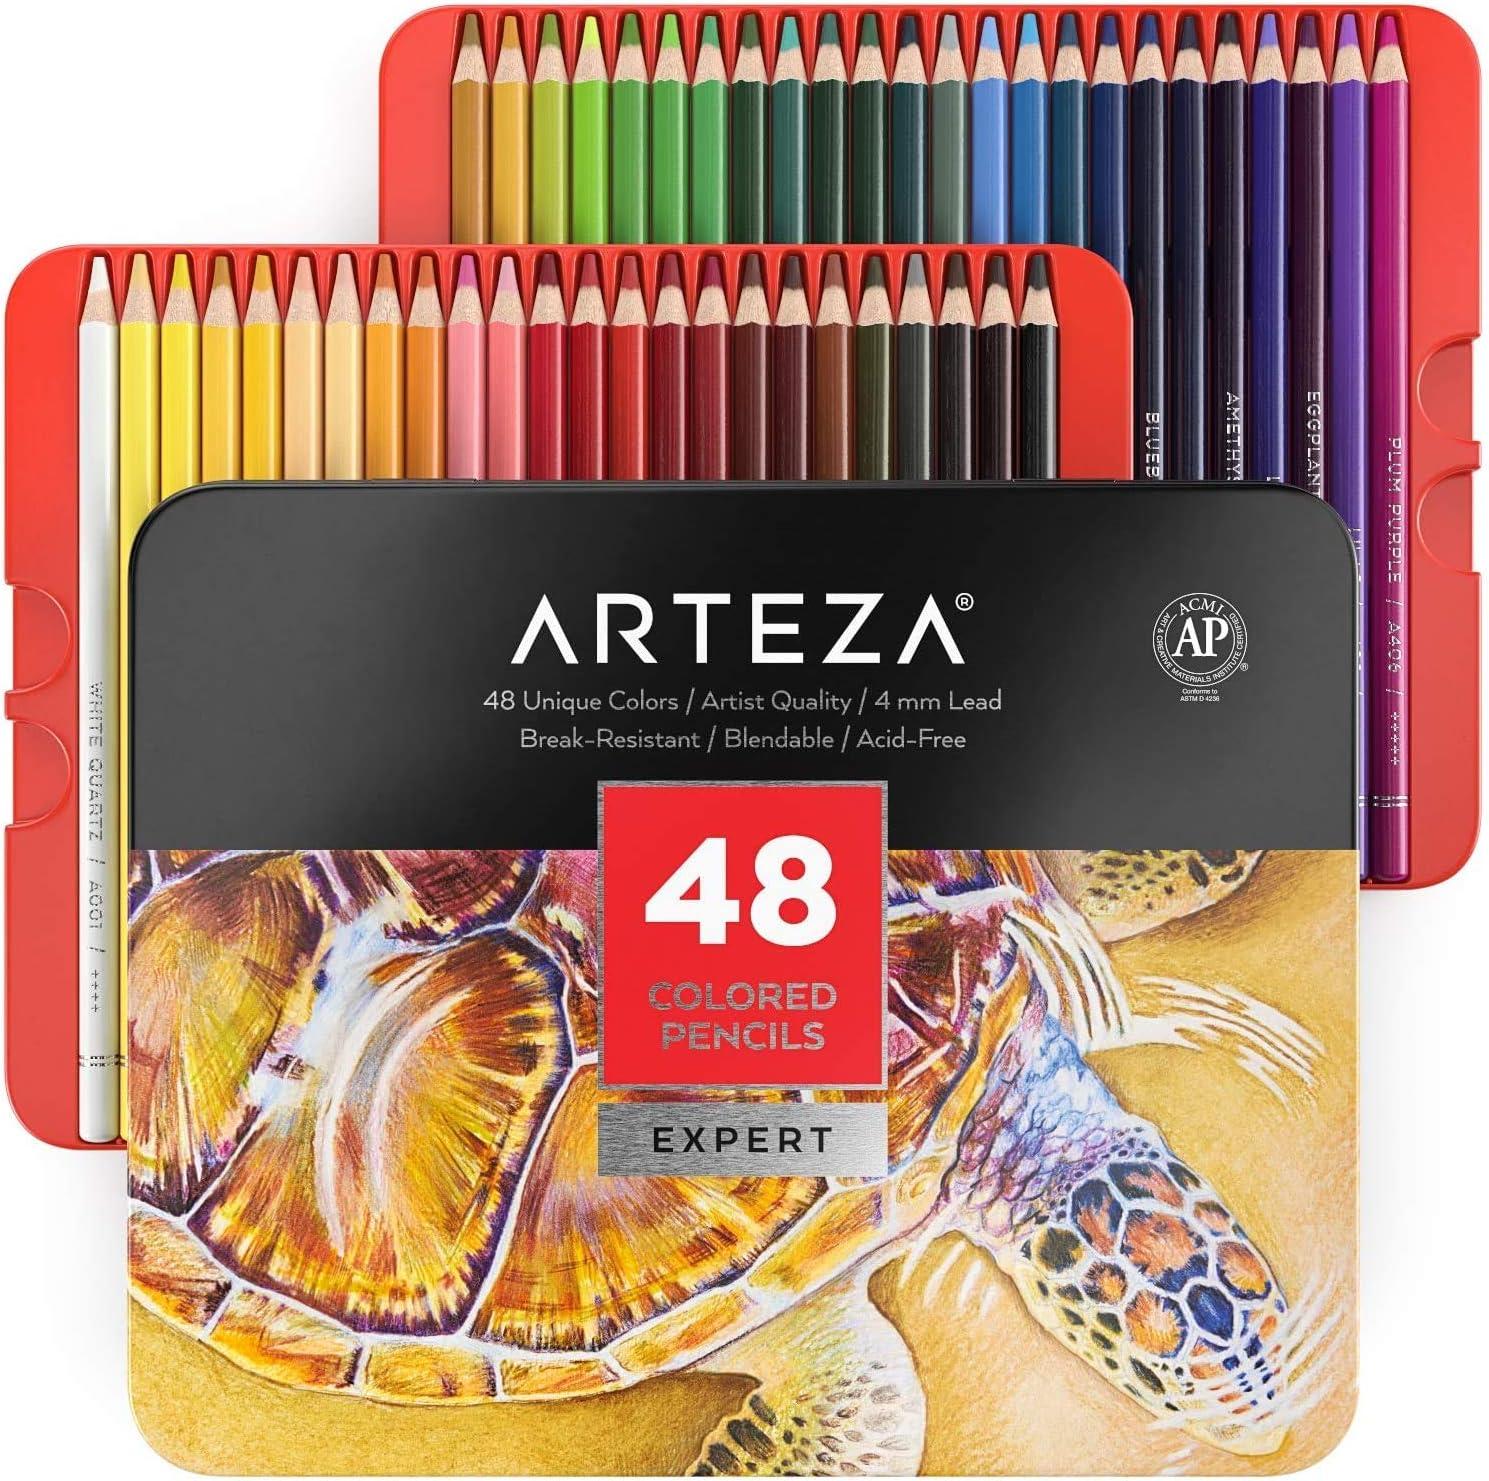 Arteza Lápices de colores profesionales para adultos y niños, Juego de 48, Estuche portátil de latón, minas resistentes a las roturas, Lápices para colorear, dibujar y sombrear